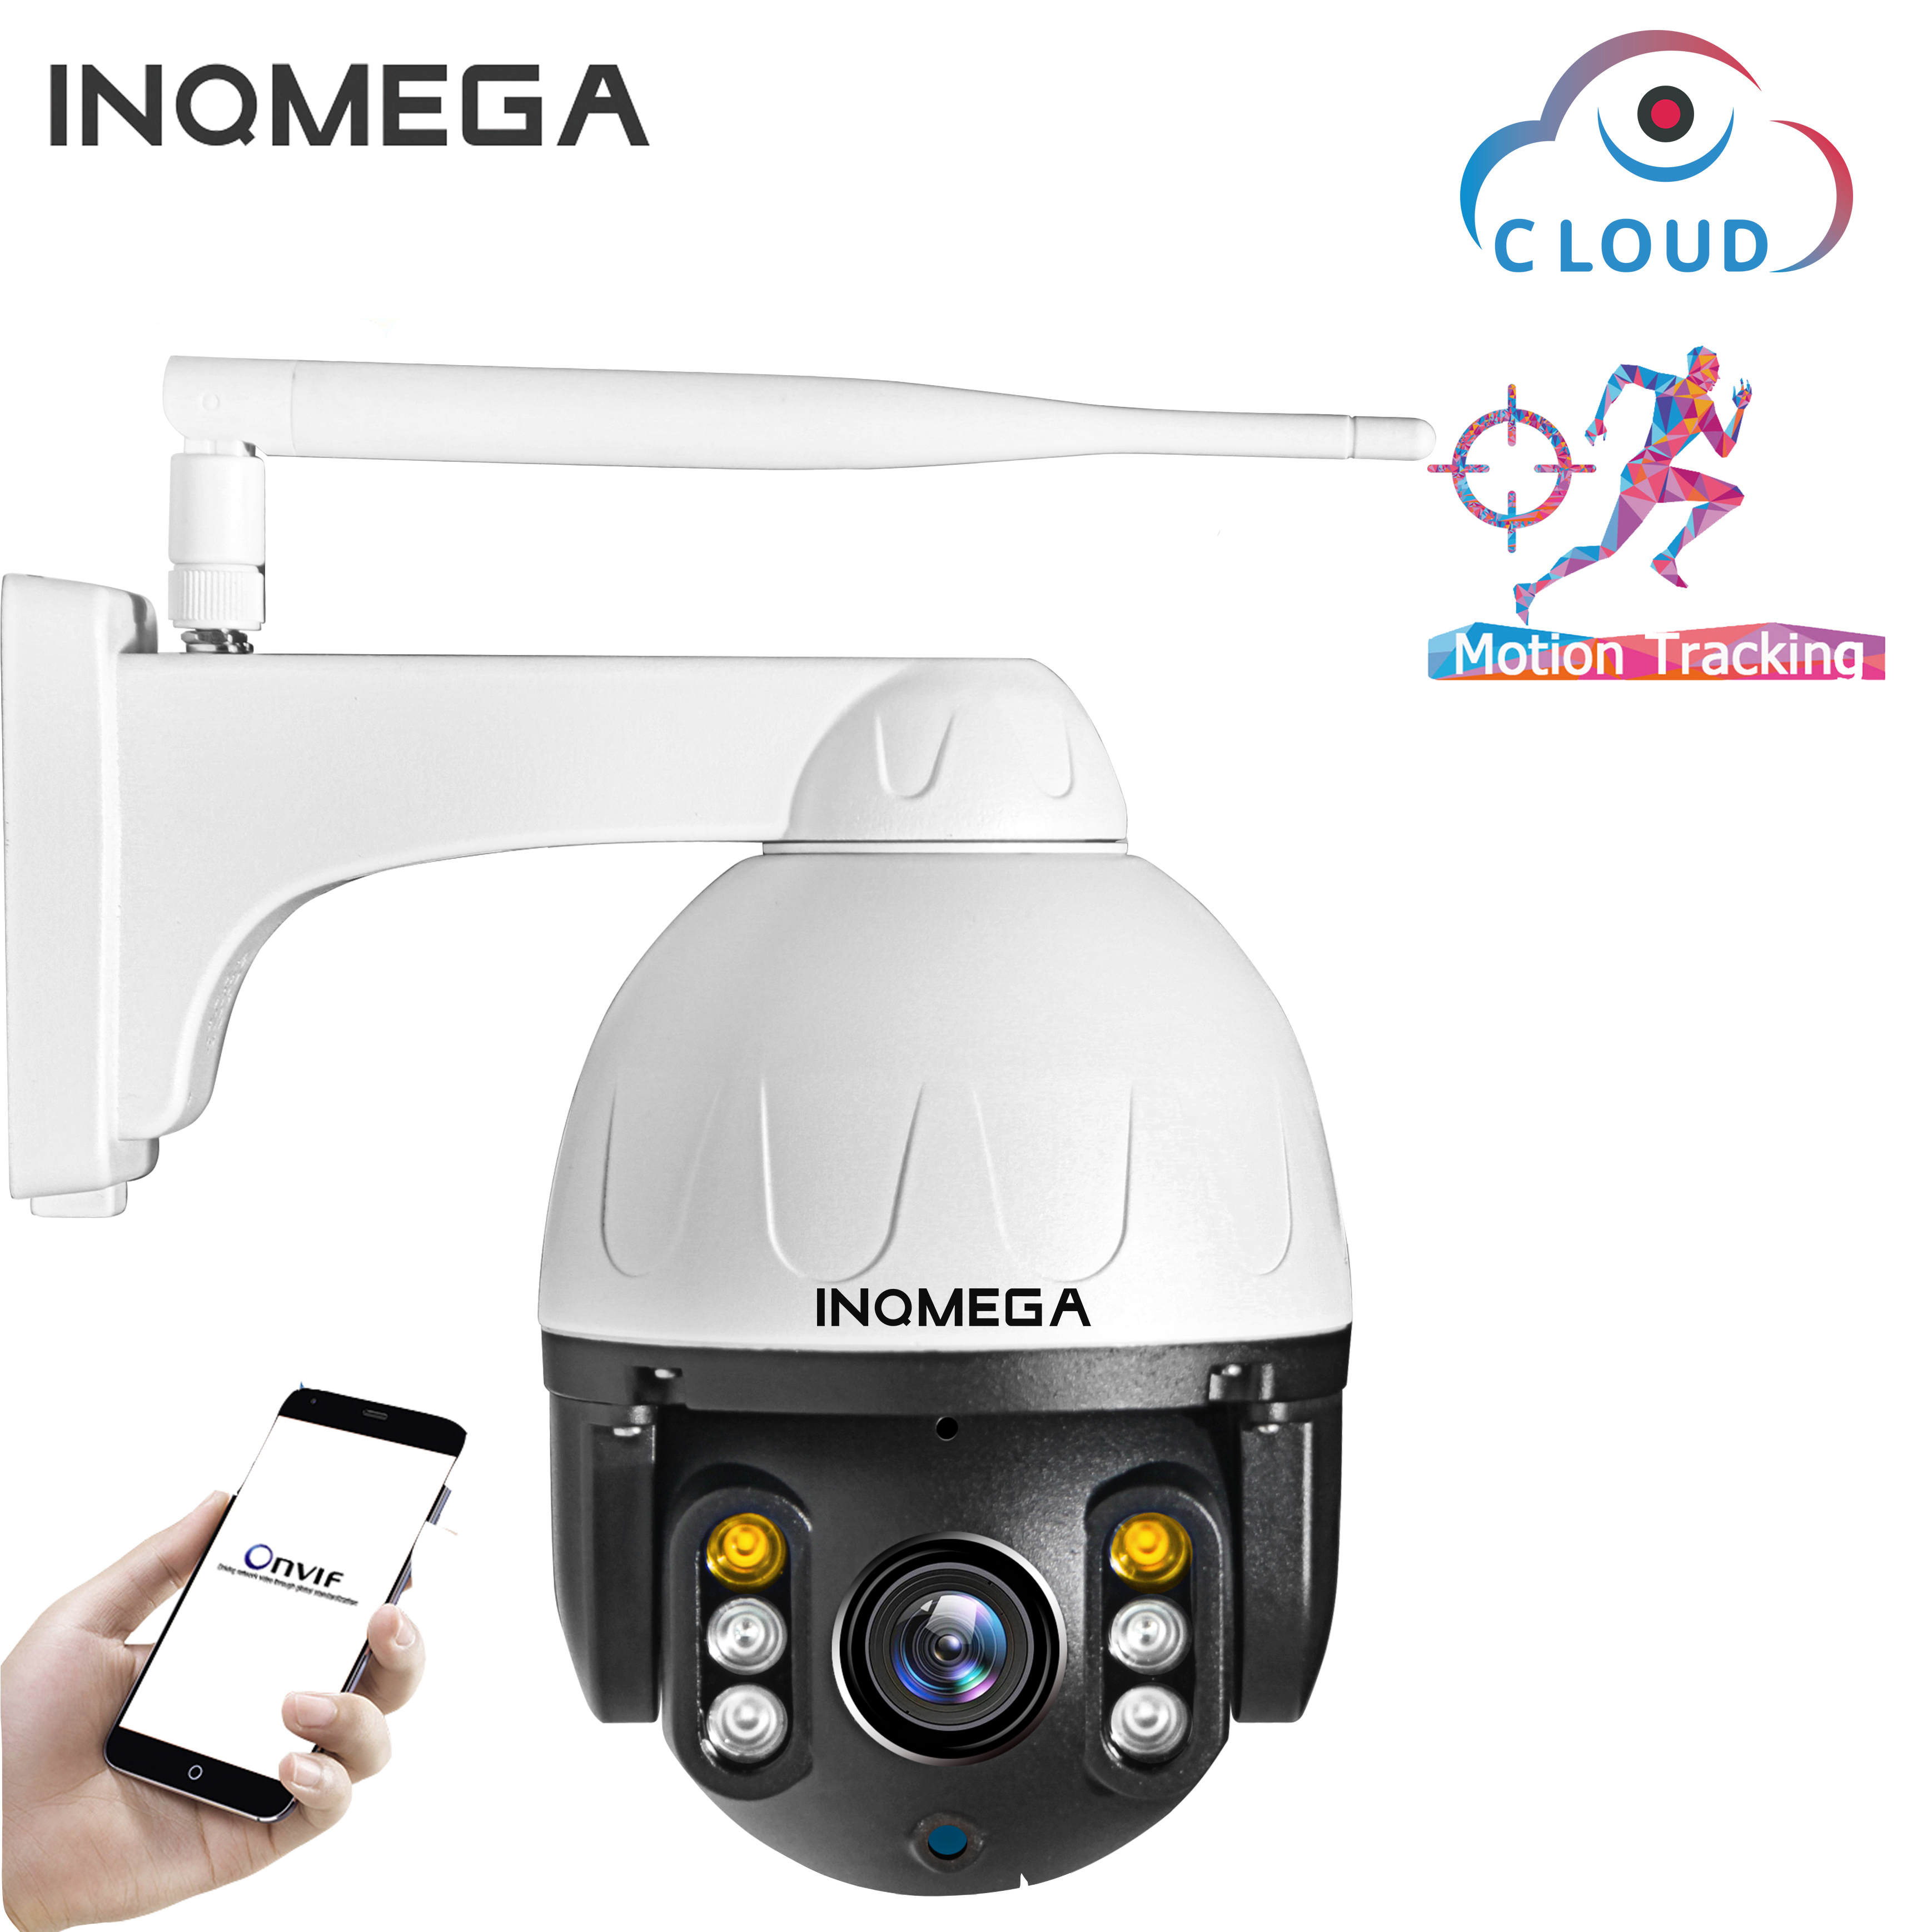 INQMEGA Cloud 1080P уличная PTZ IP камера wifi скоростная купольная камера с функцией автоматического слежения 4X цифровой зум 2MP Onvif IR CCTV камера безопасности